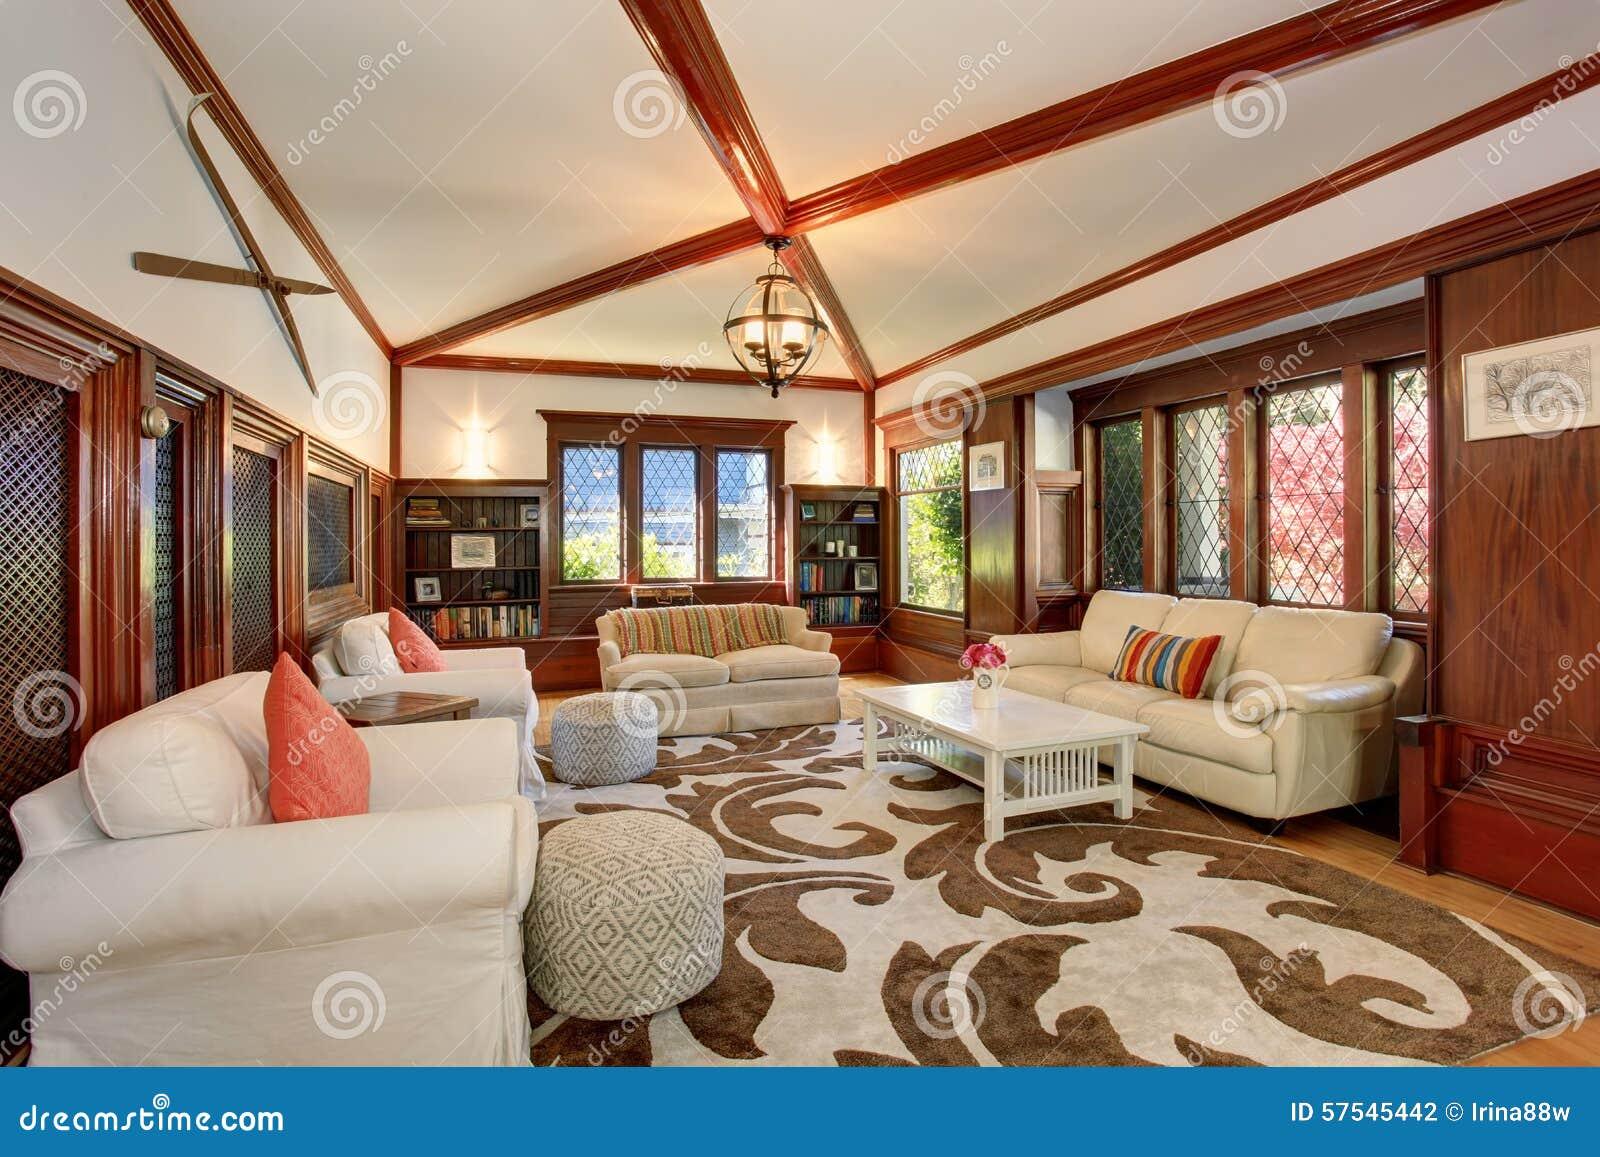 Authentieke Details Woonkamer : Authentieke woonkamer met bruine en witte decoratieve deken stock